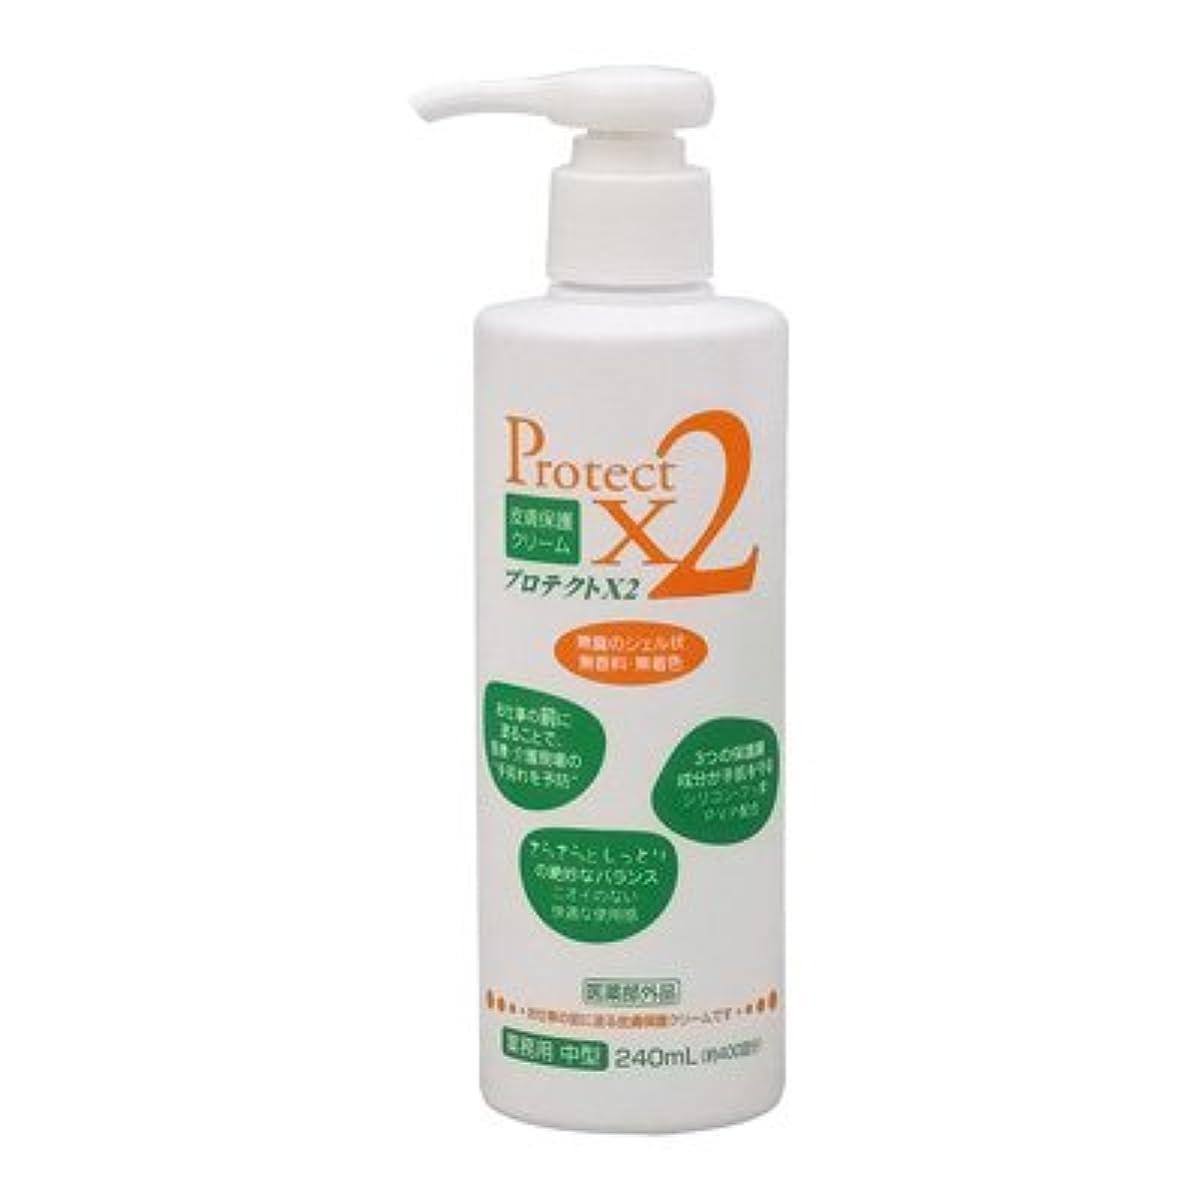 慎重課す求める皮膚保護クリーム プロテクトX2 240ml(中型)